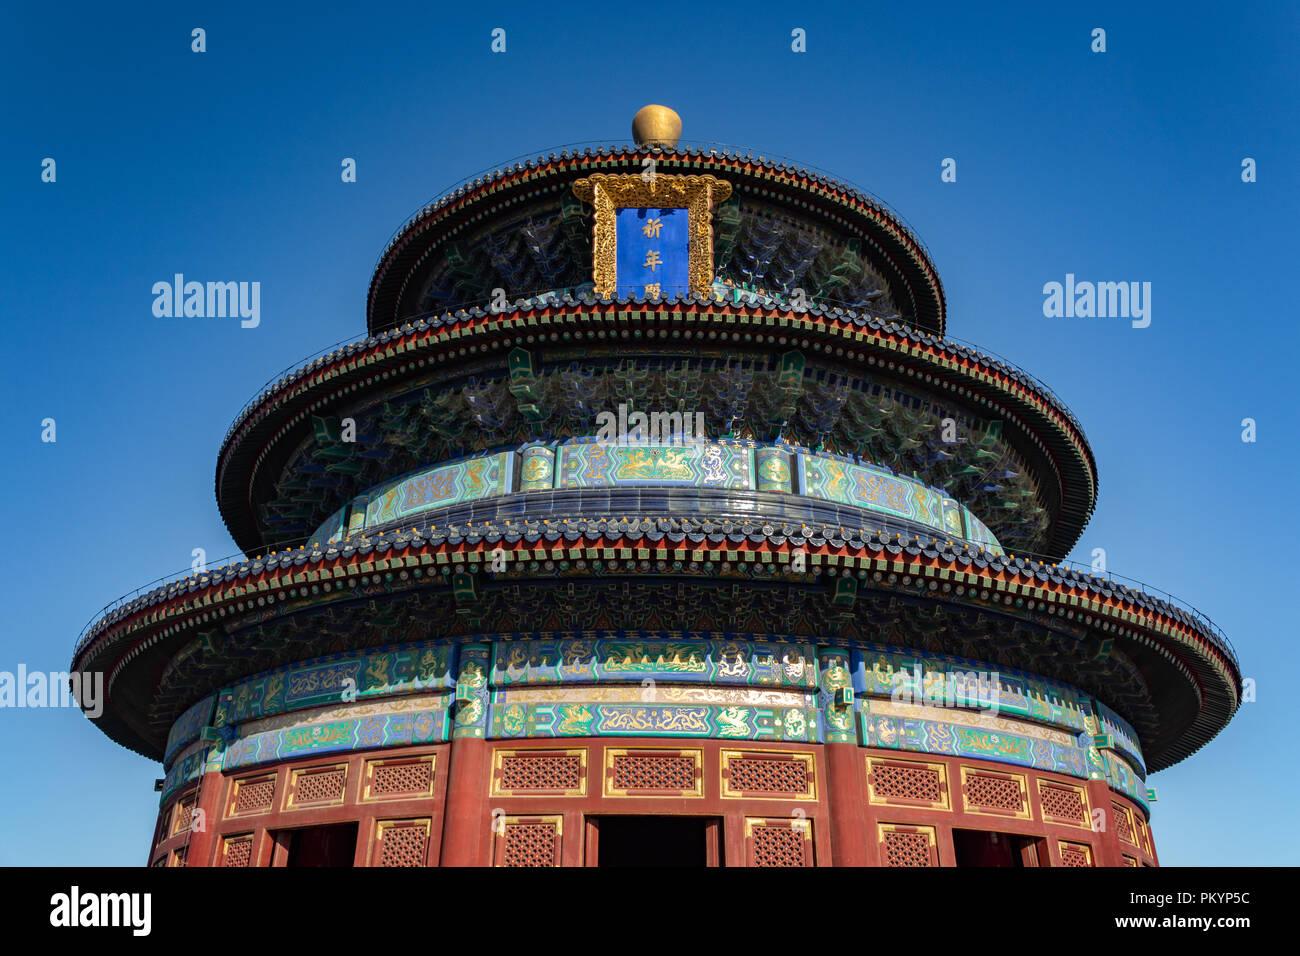 Pechino, Cina - Dic 10, 2017: Tempio del cielo di Pechino di giorno con blue sky shot stretto Immagini Stock